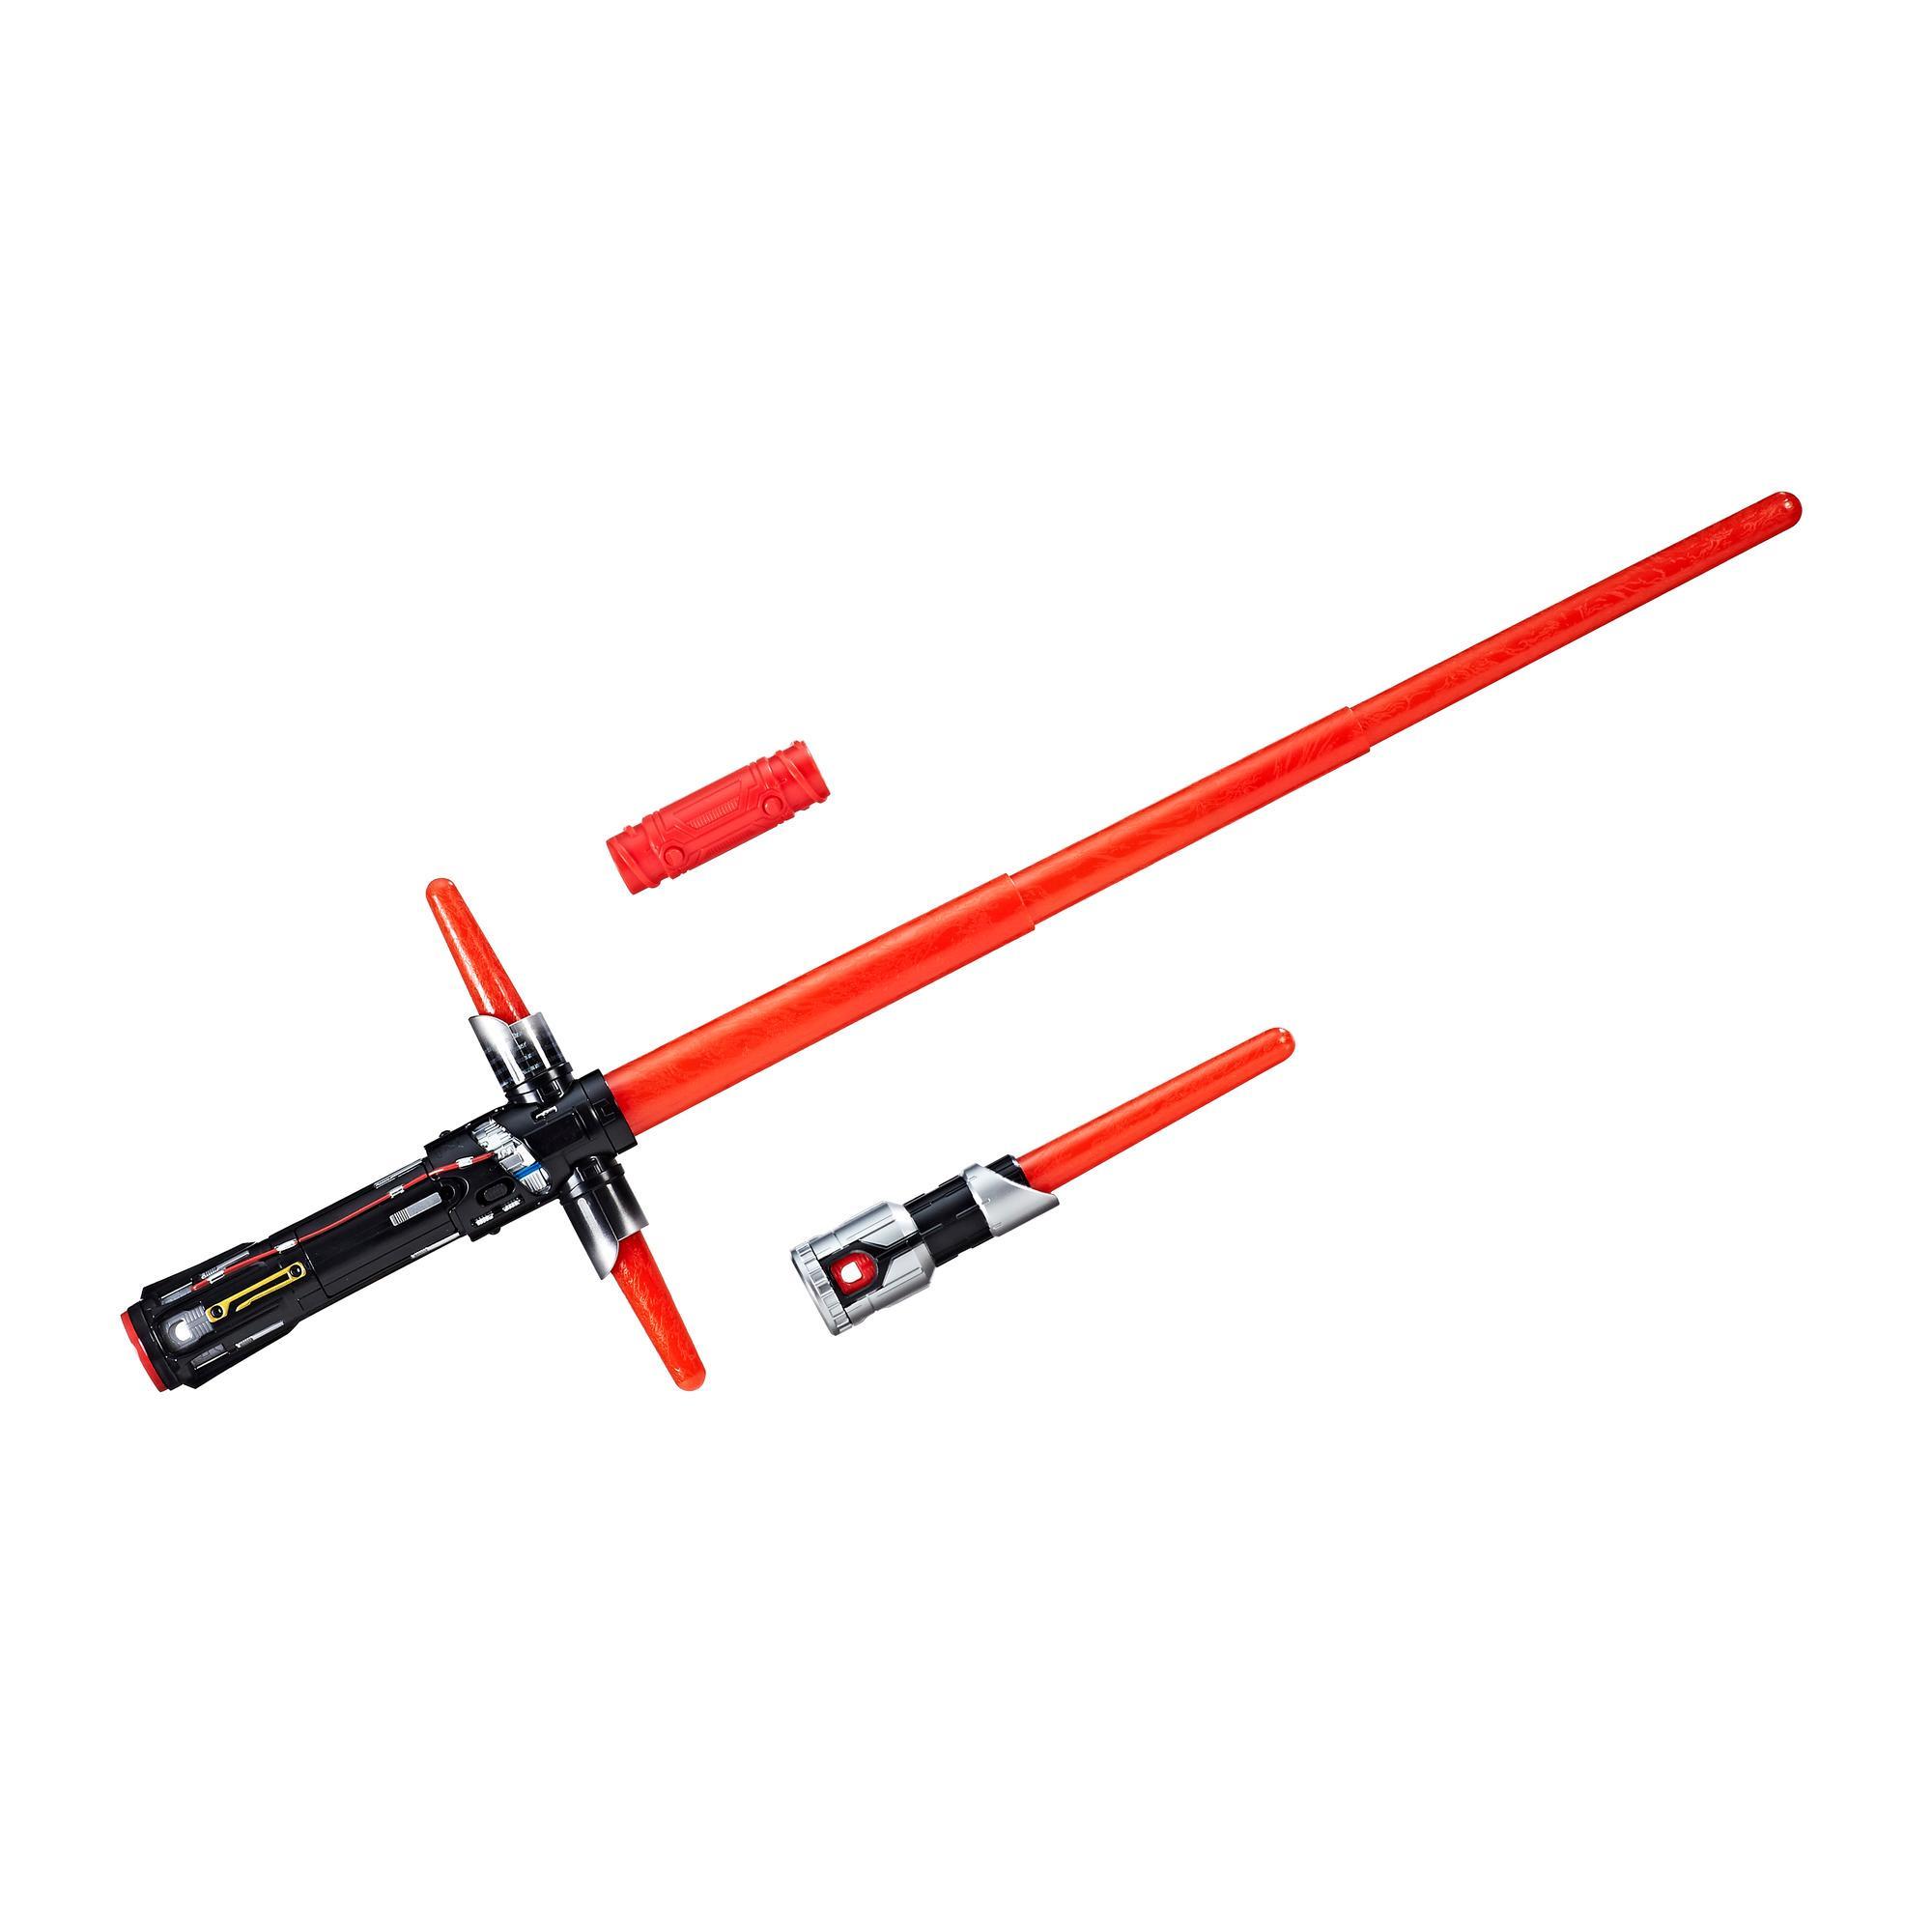 Star Wars: Os Últimos Jedi - sabre de luz eletrônico de Kylo Ren